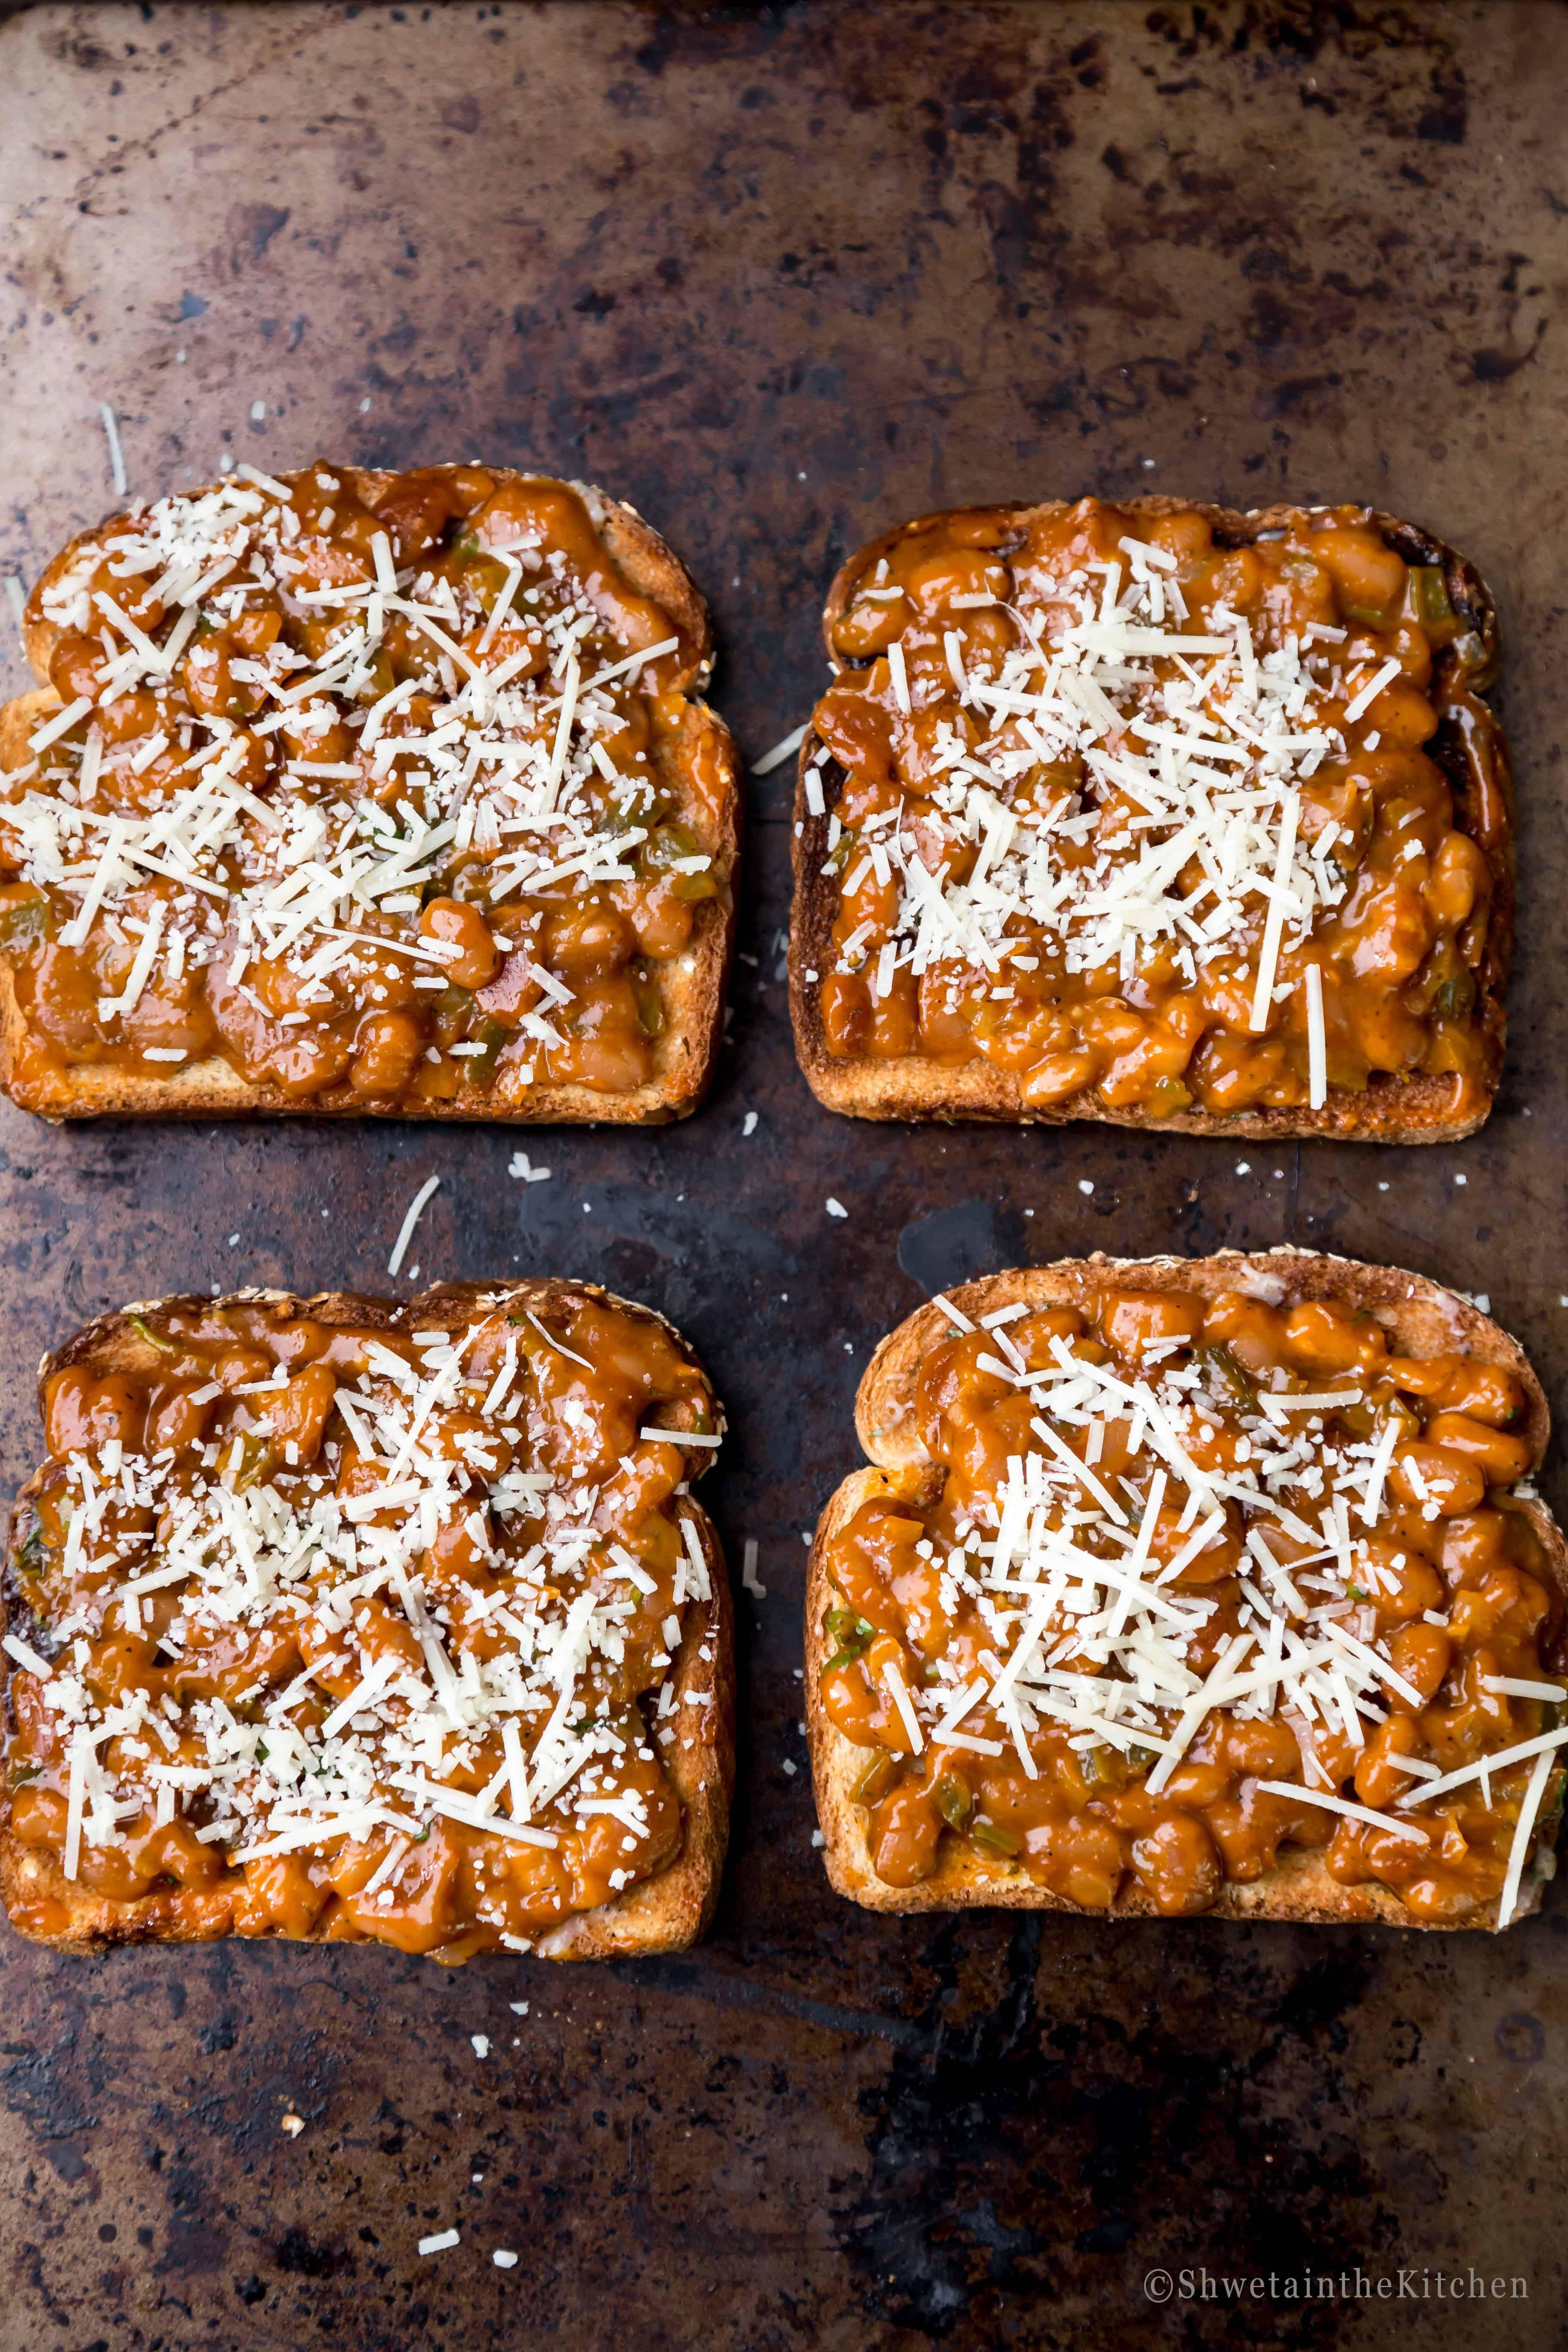 Baked Beans on Garlic Toast